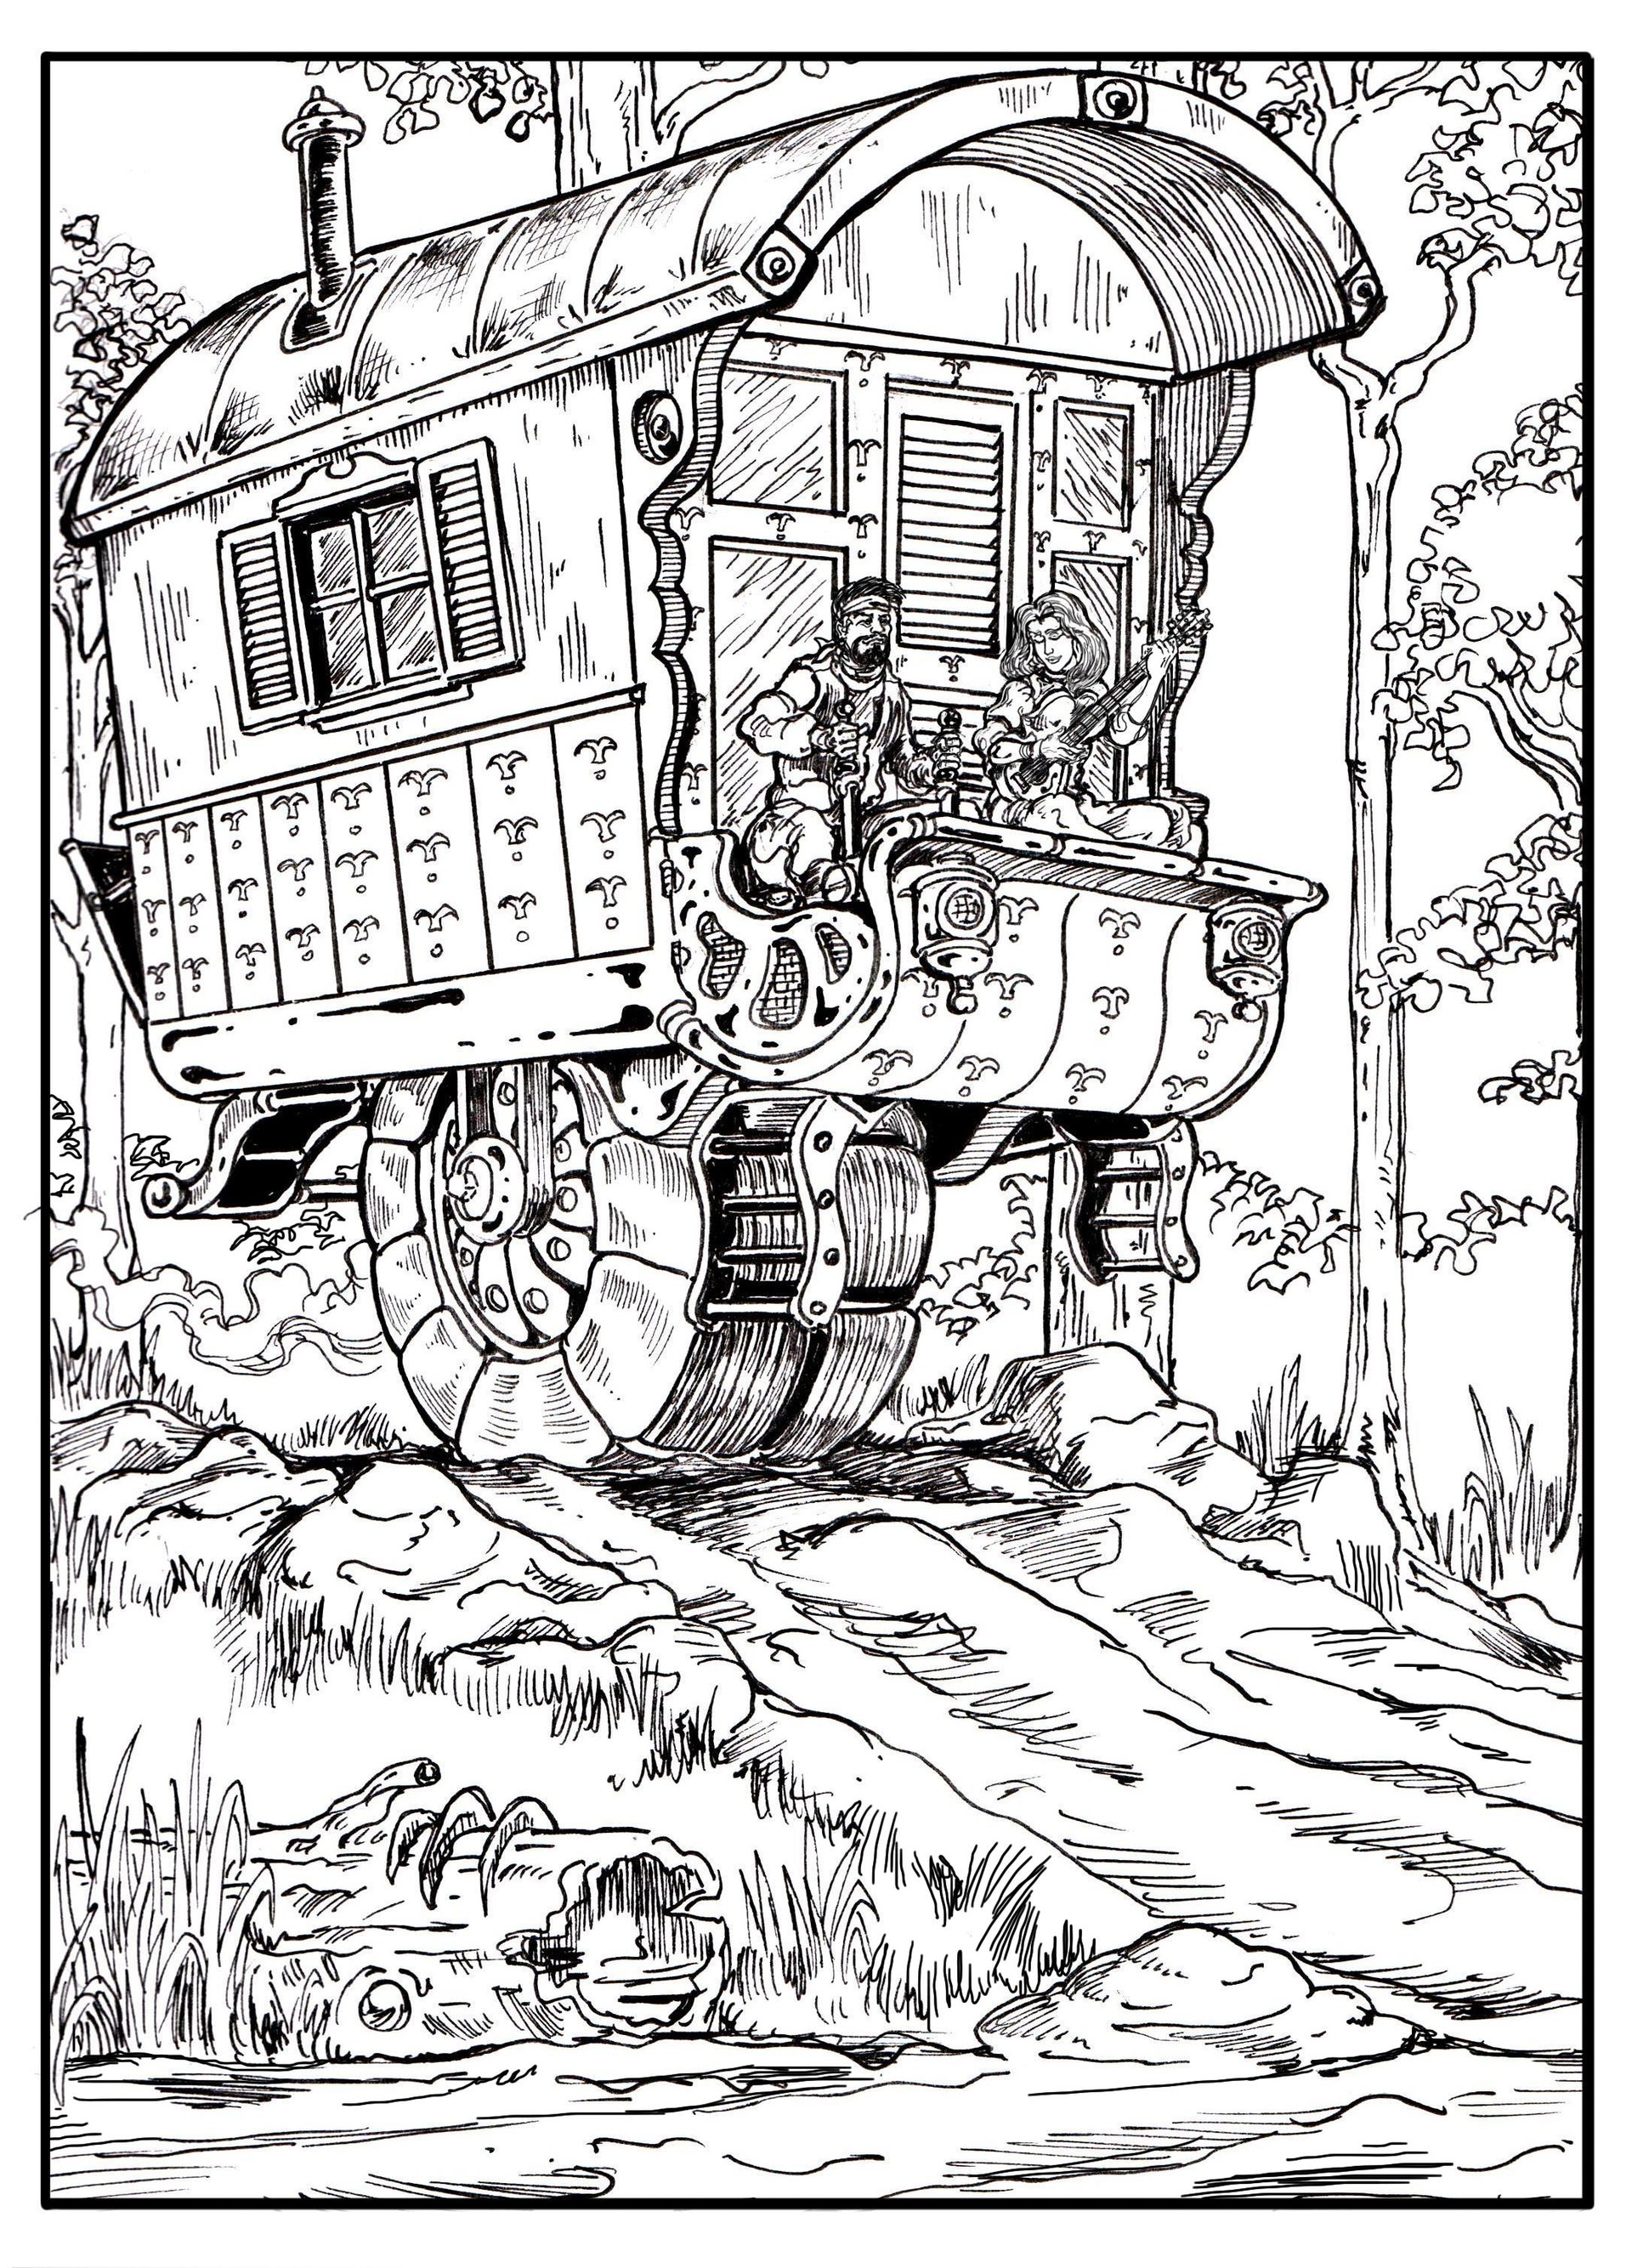 Vincent bryant gypsy wagon